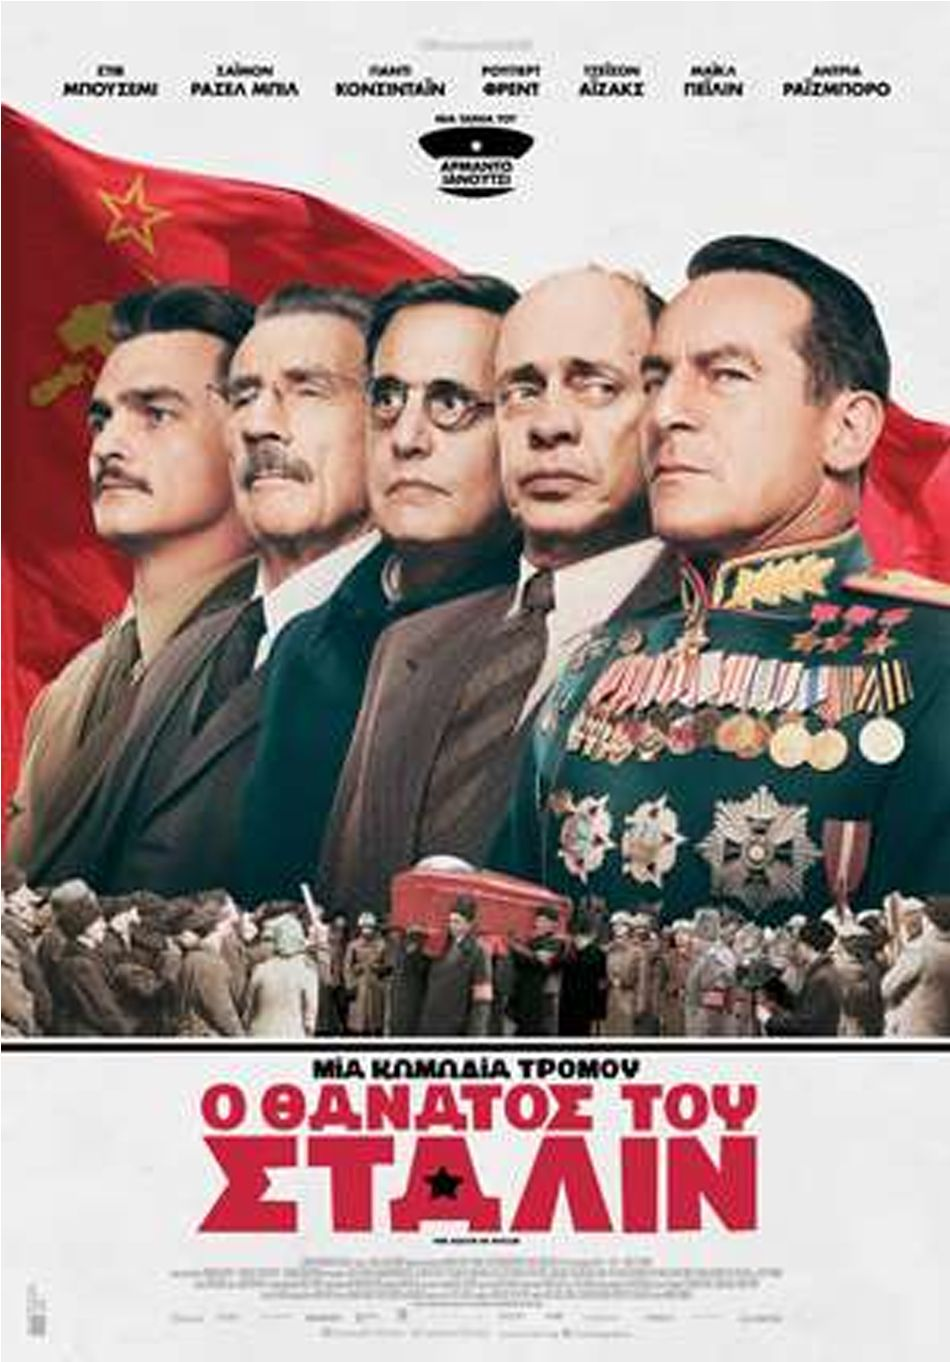 Ο Θάνατος του Στάλιν (The Death of Stalin) Poster Πόστερ